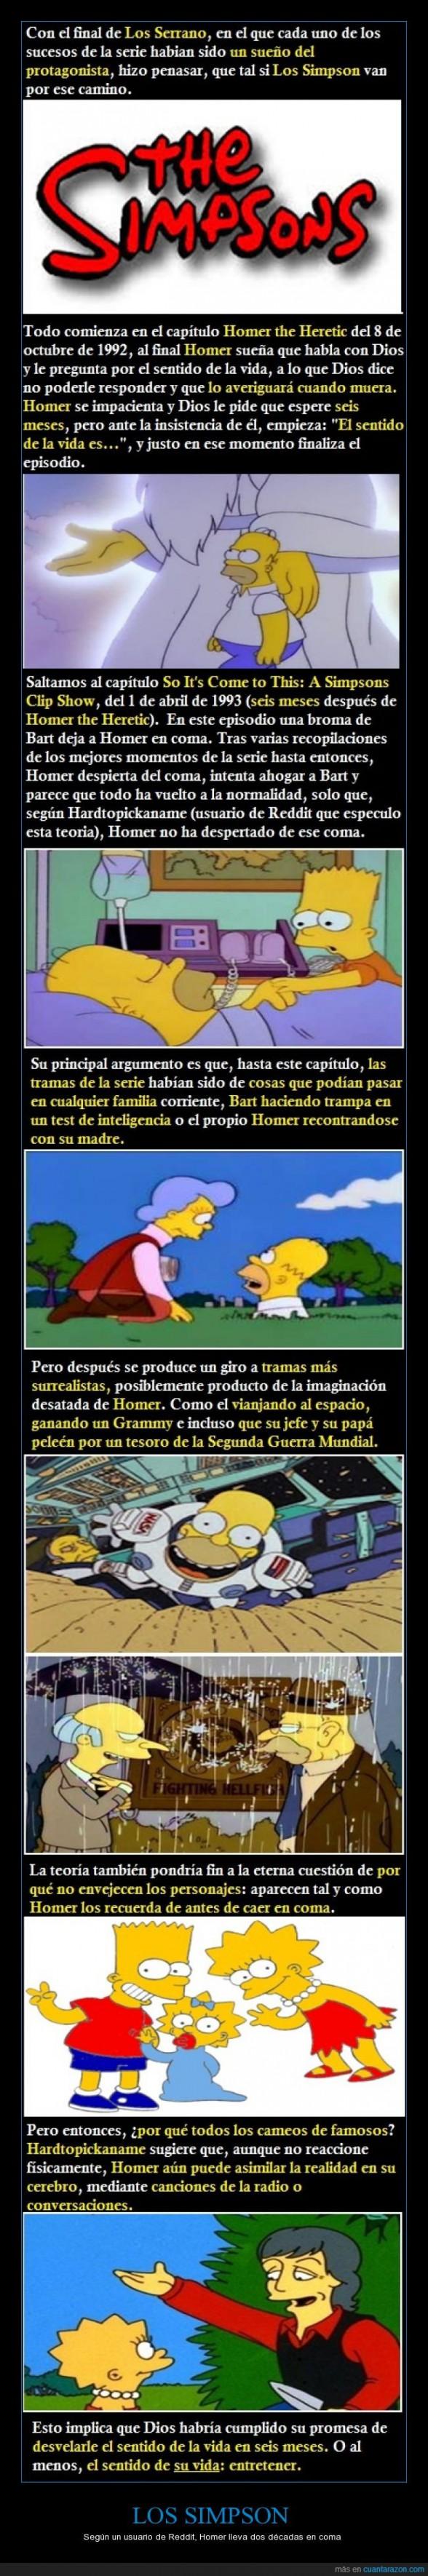 'Los Simpson' podrían ser un sueño de Homer